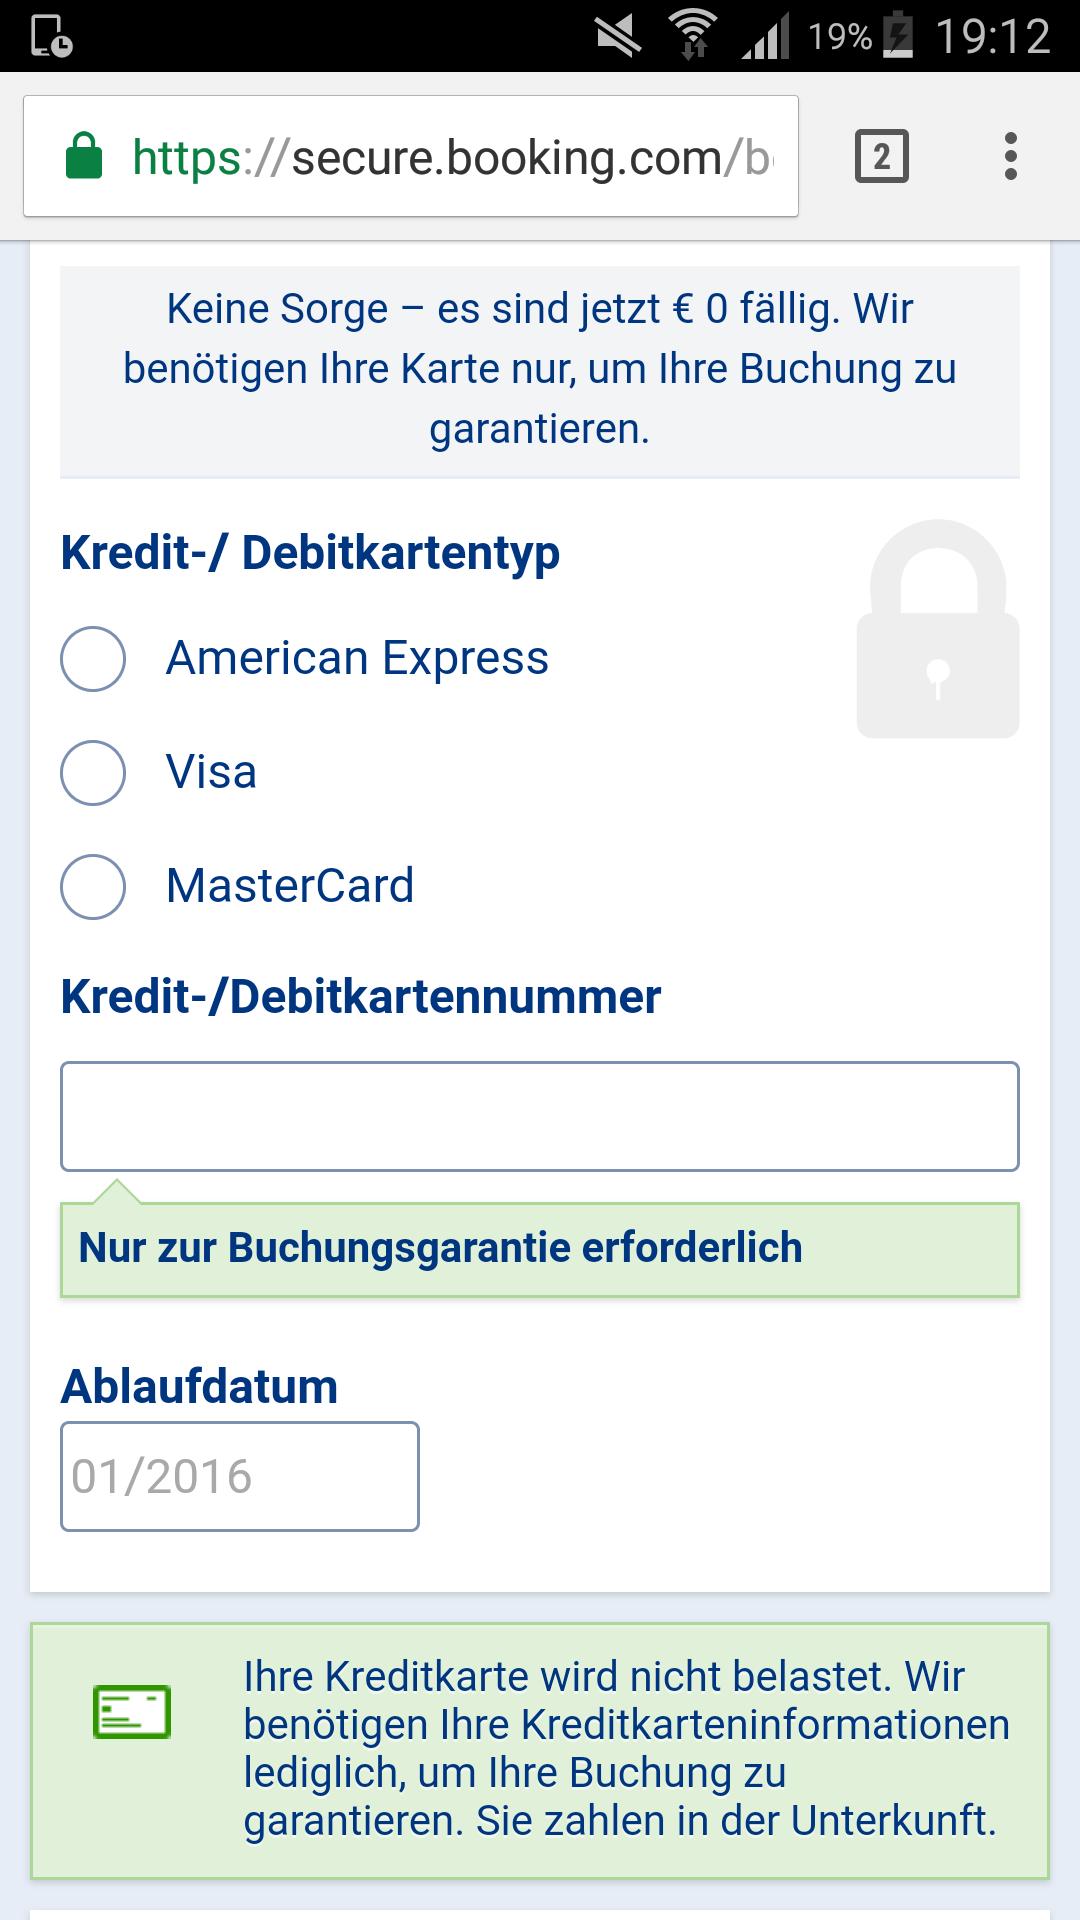 kann man hotels nur mit kreditkarte buchen